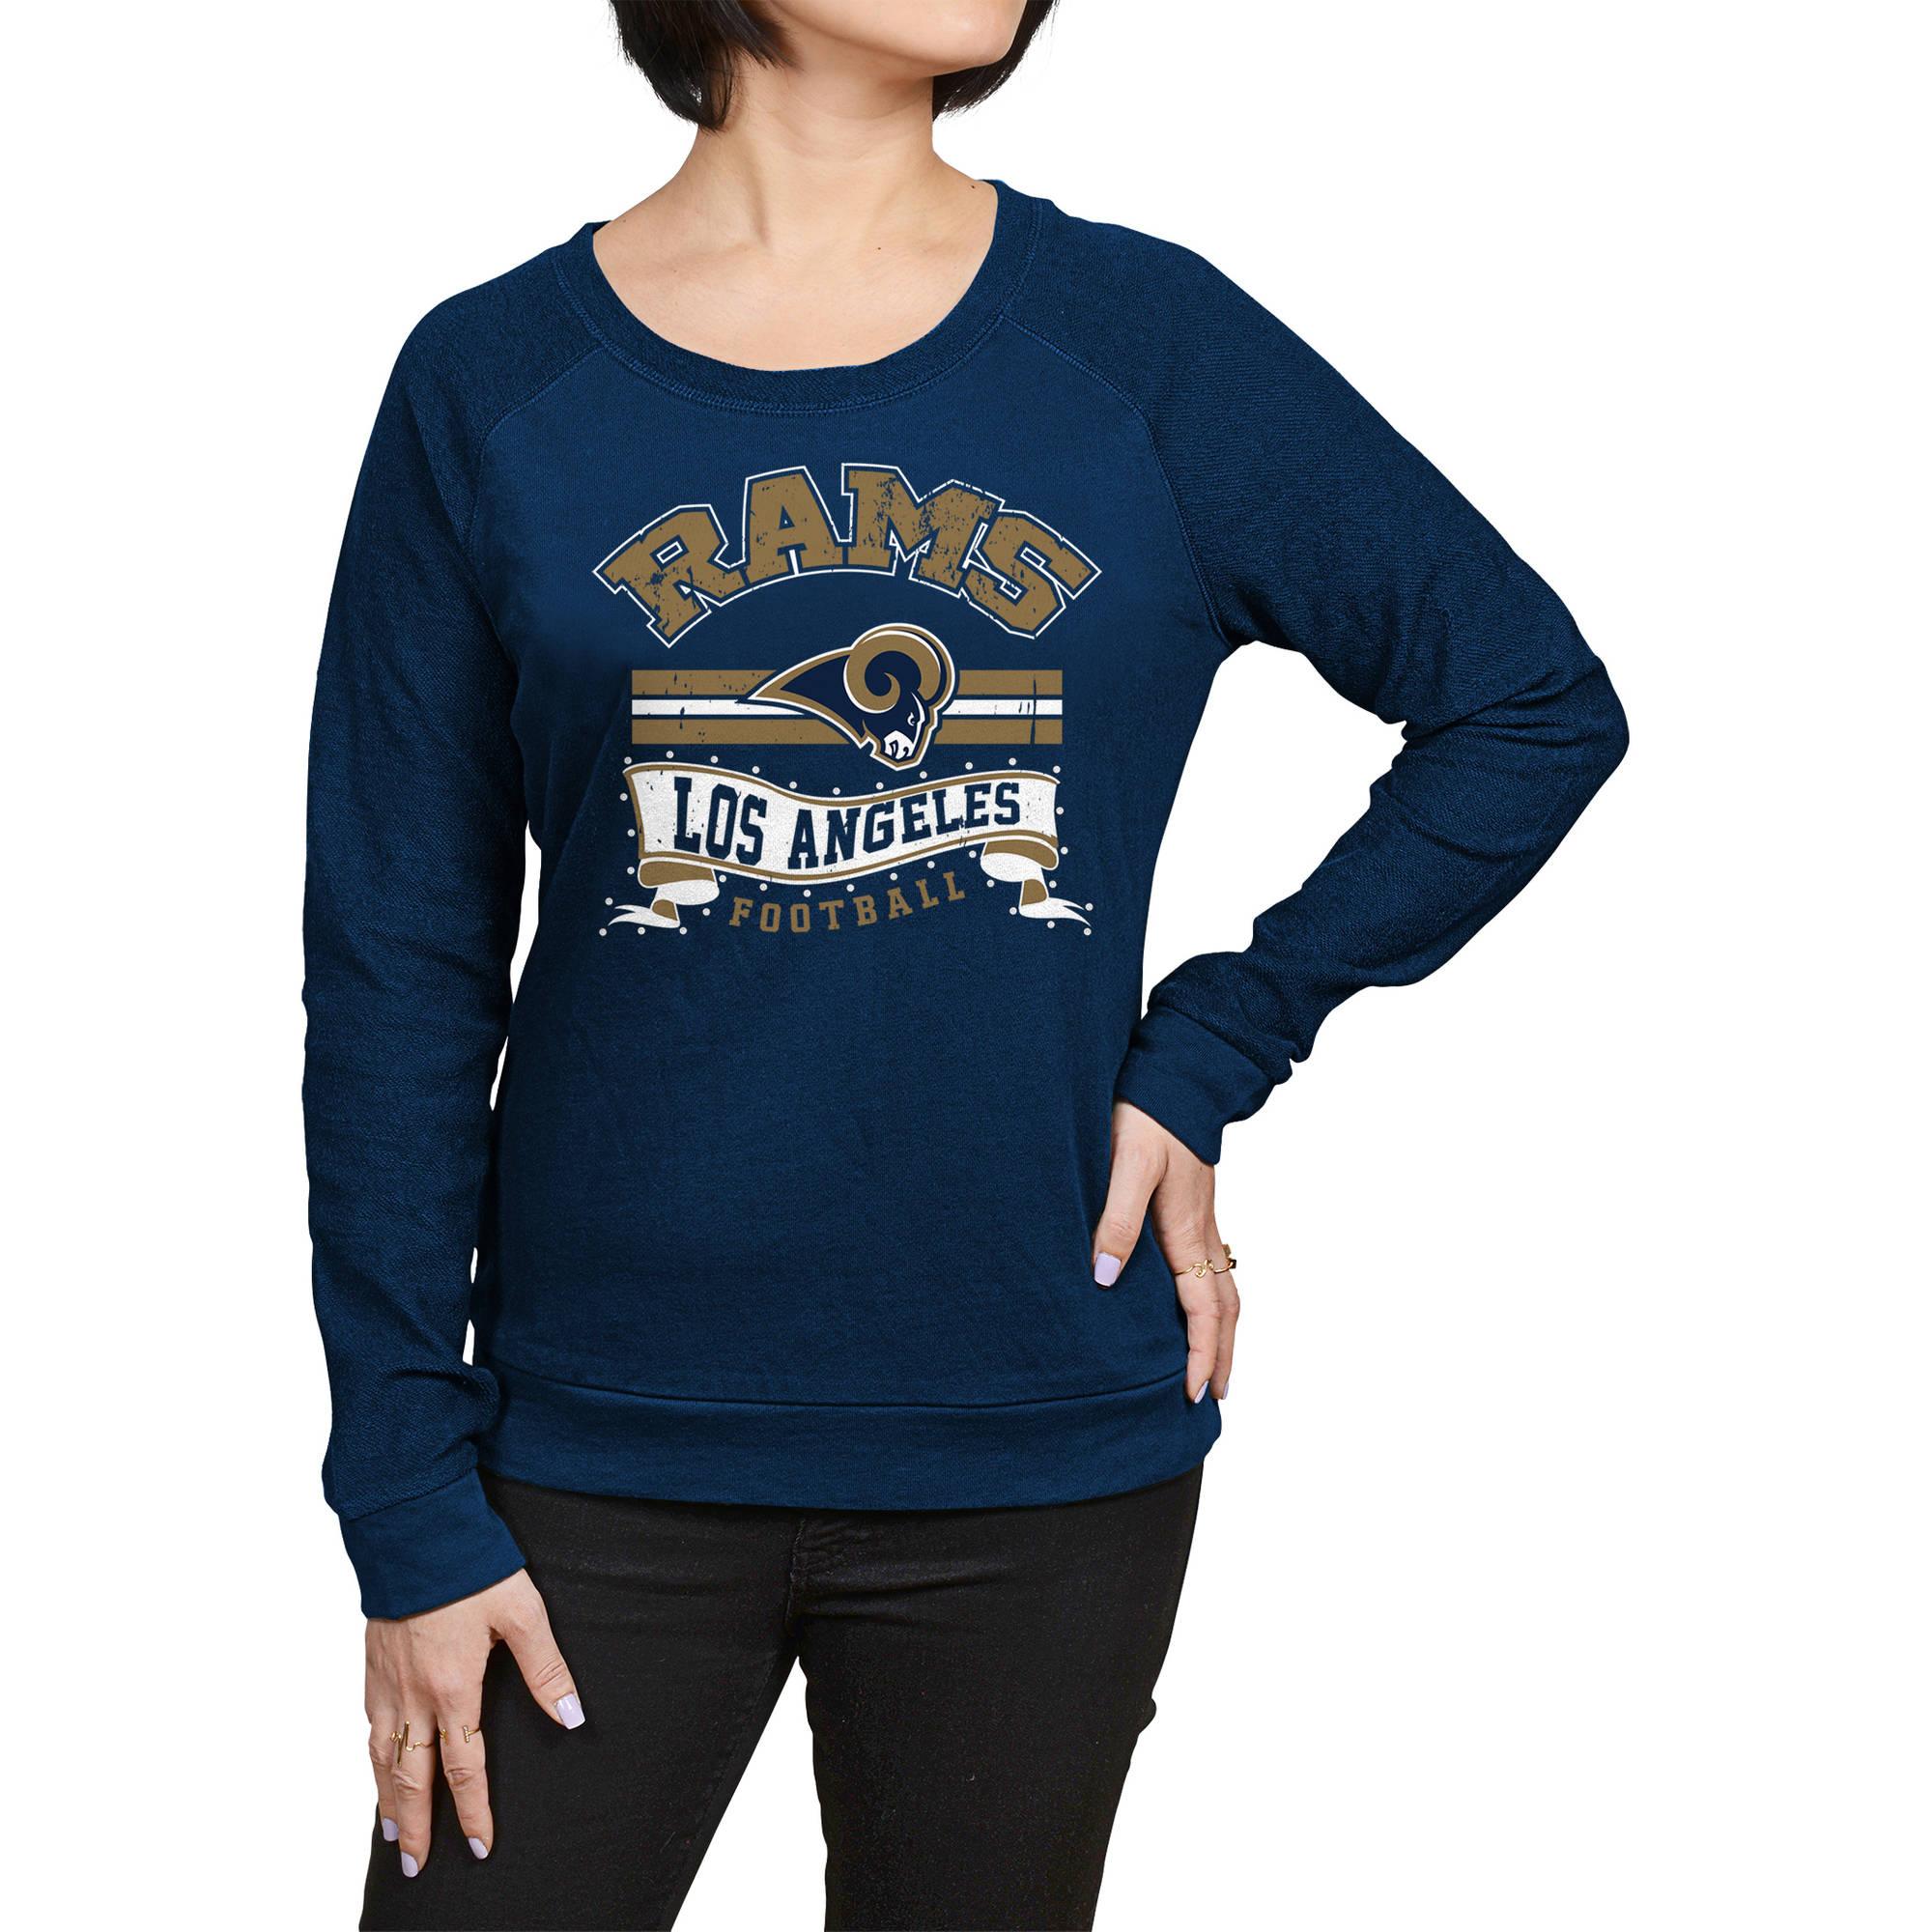 NFL Los Angeles Rams Juniors Fleece Top